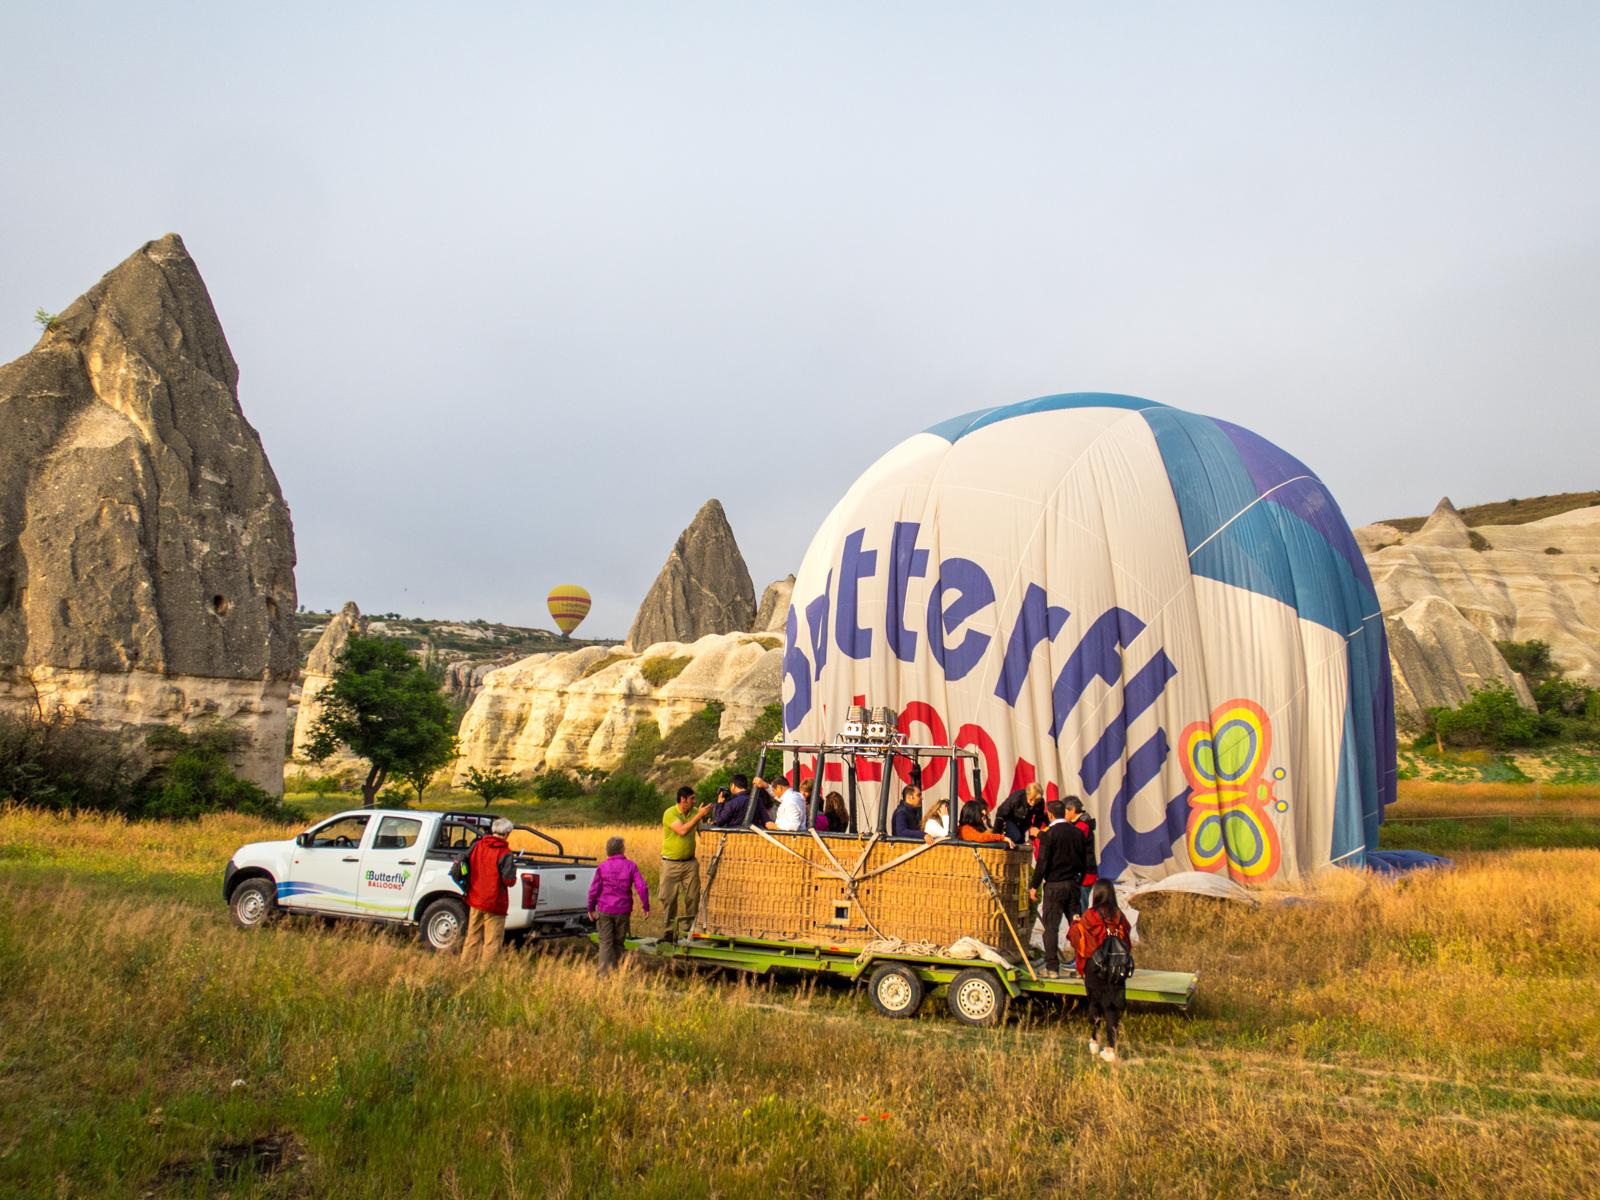 Passengers disembarking a balloon basket